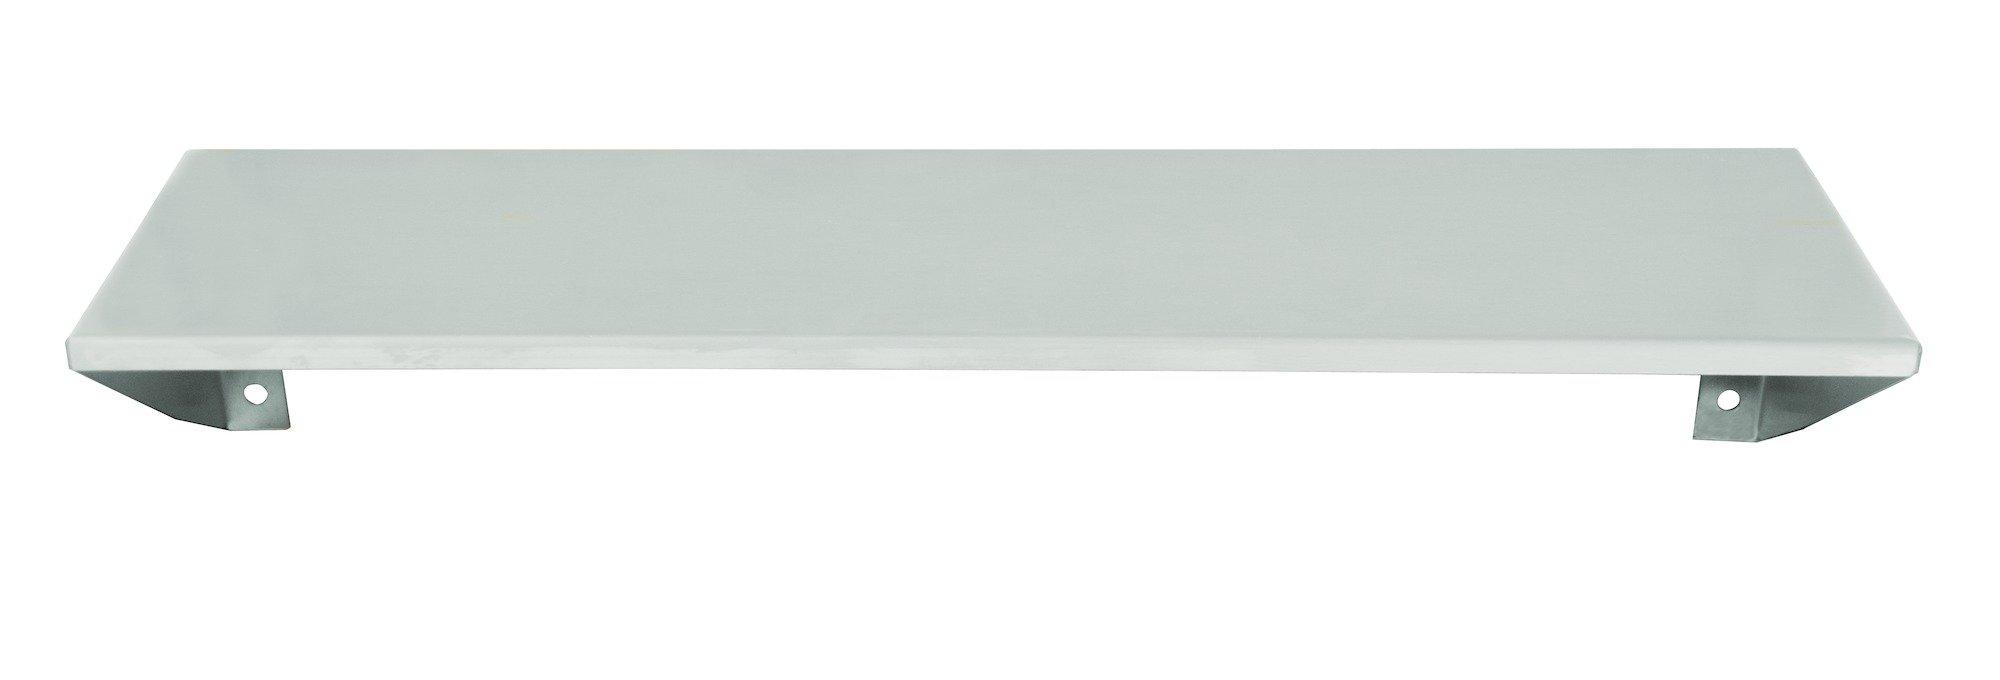 Shelves 755-024000 - Accurate Door & Hardware, Inc.